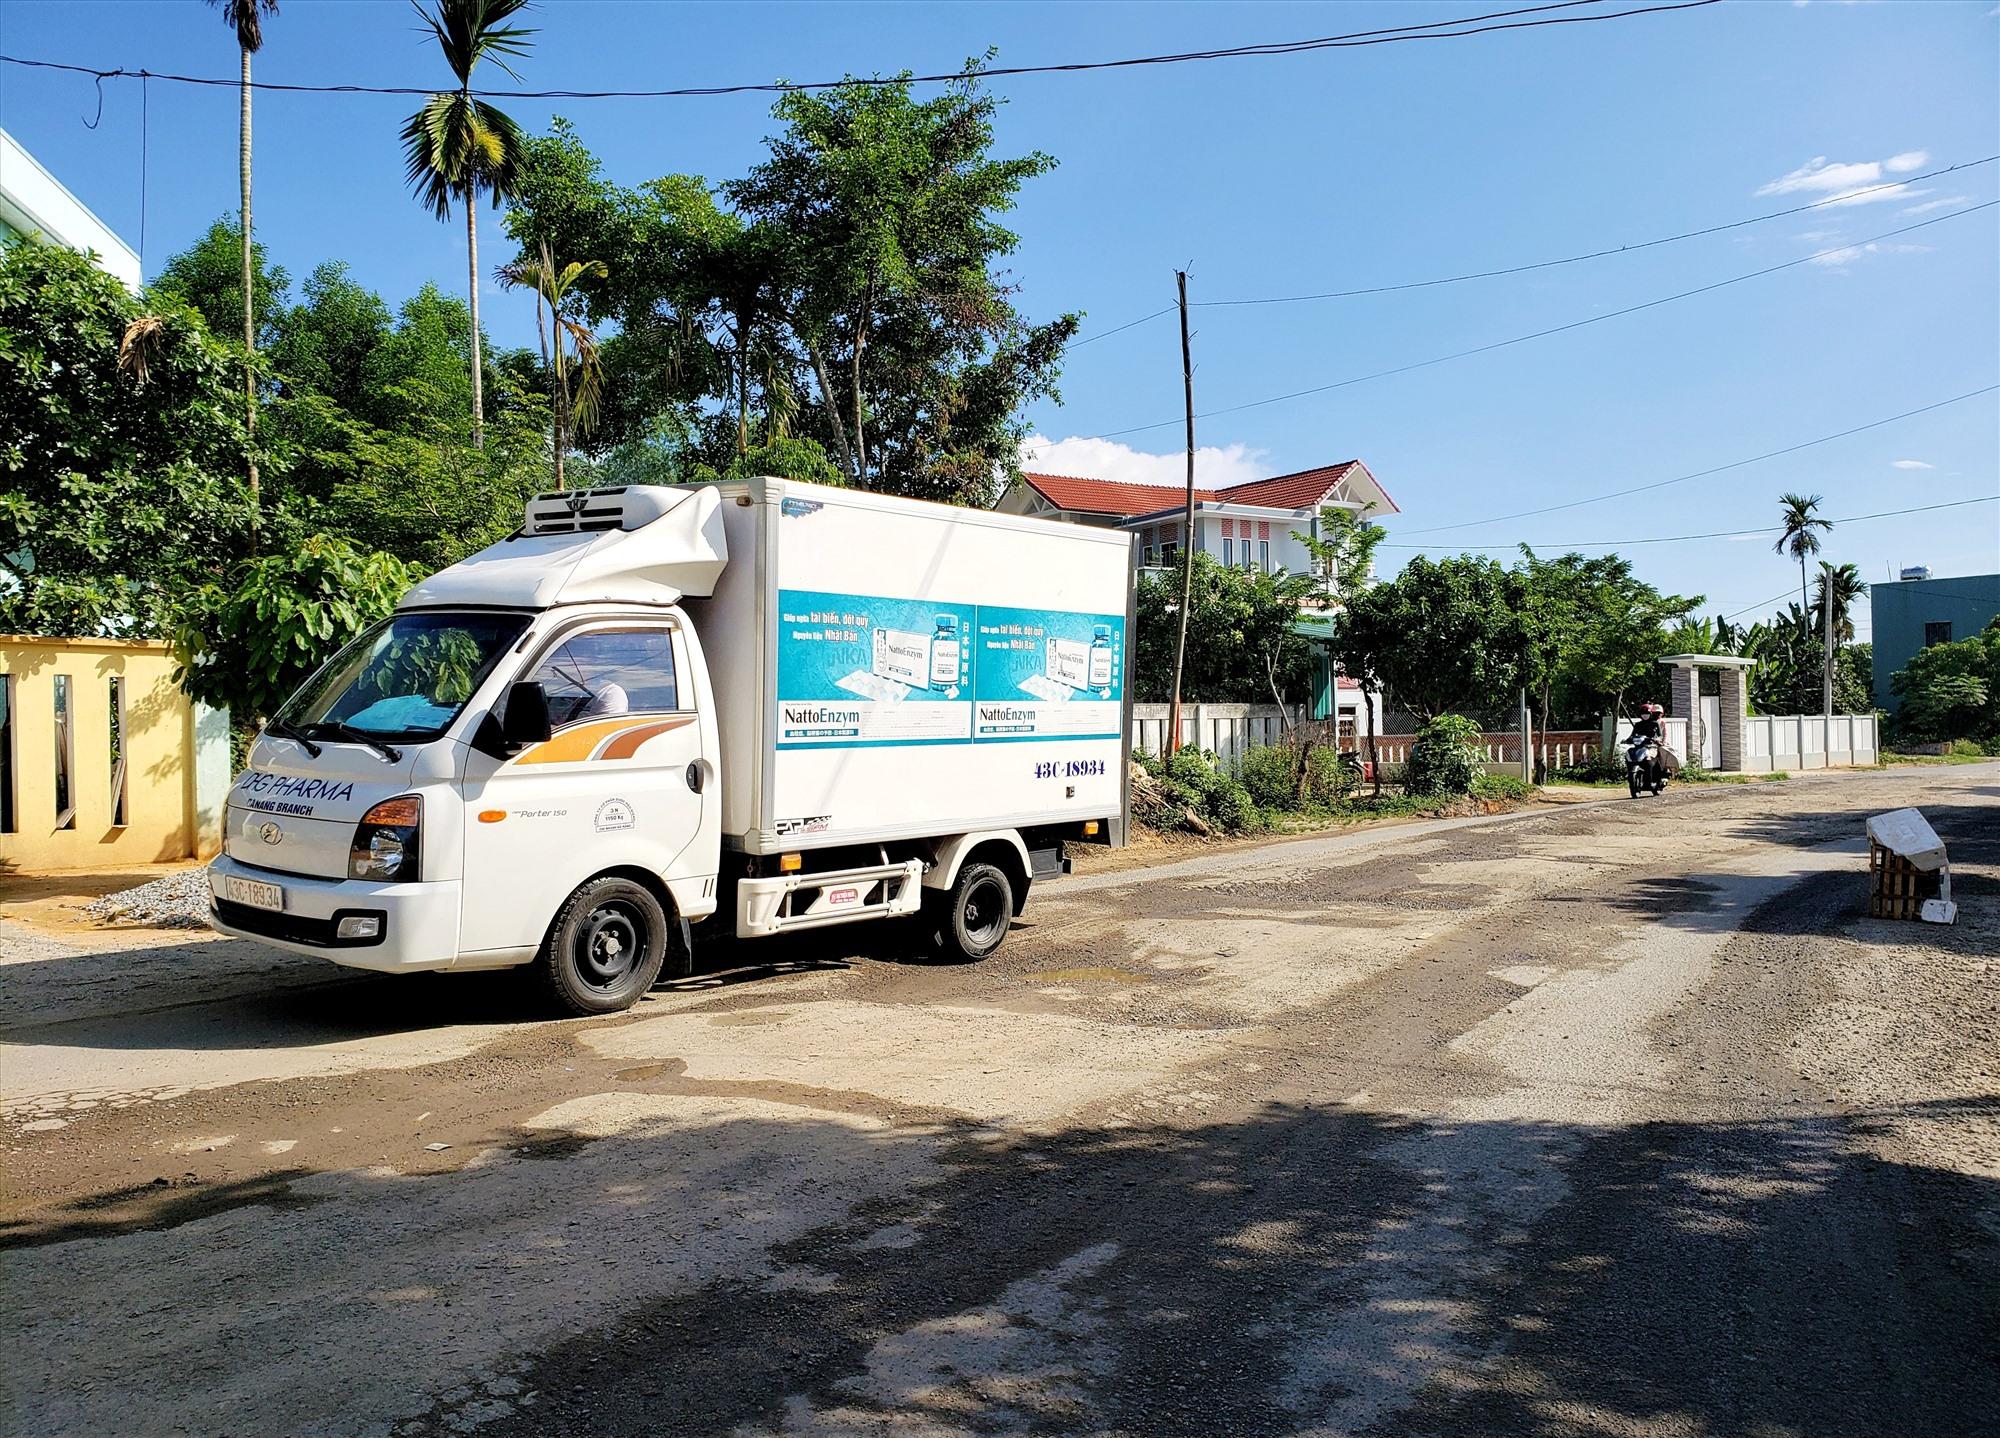 Tuyến đường từ trung tâm huyện Phú Ninh đi xã Tiên Phong (Tiên Phước), đoạn qua địa bàn thị trấn Phú Thịnh bị hư hỏng nặng. Ảnh: HOÀI AN